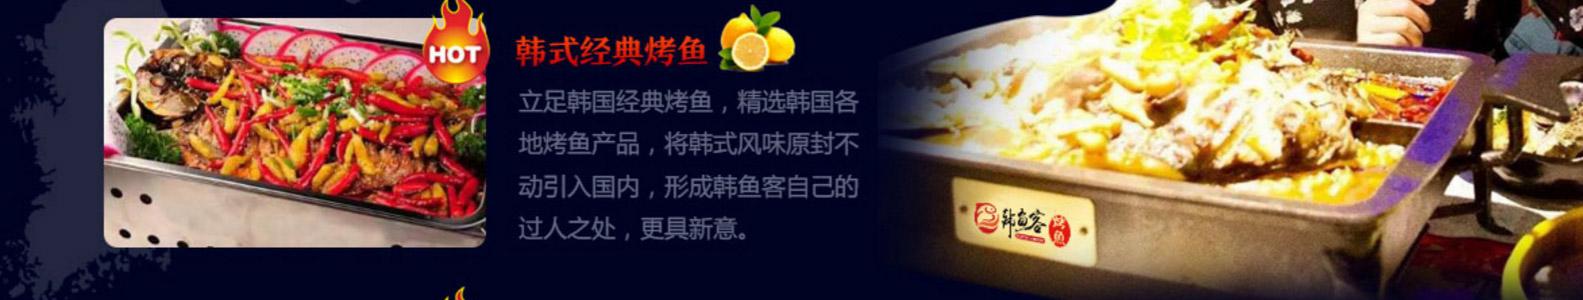 韓魚客烤魚韓魚客烤魚_22